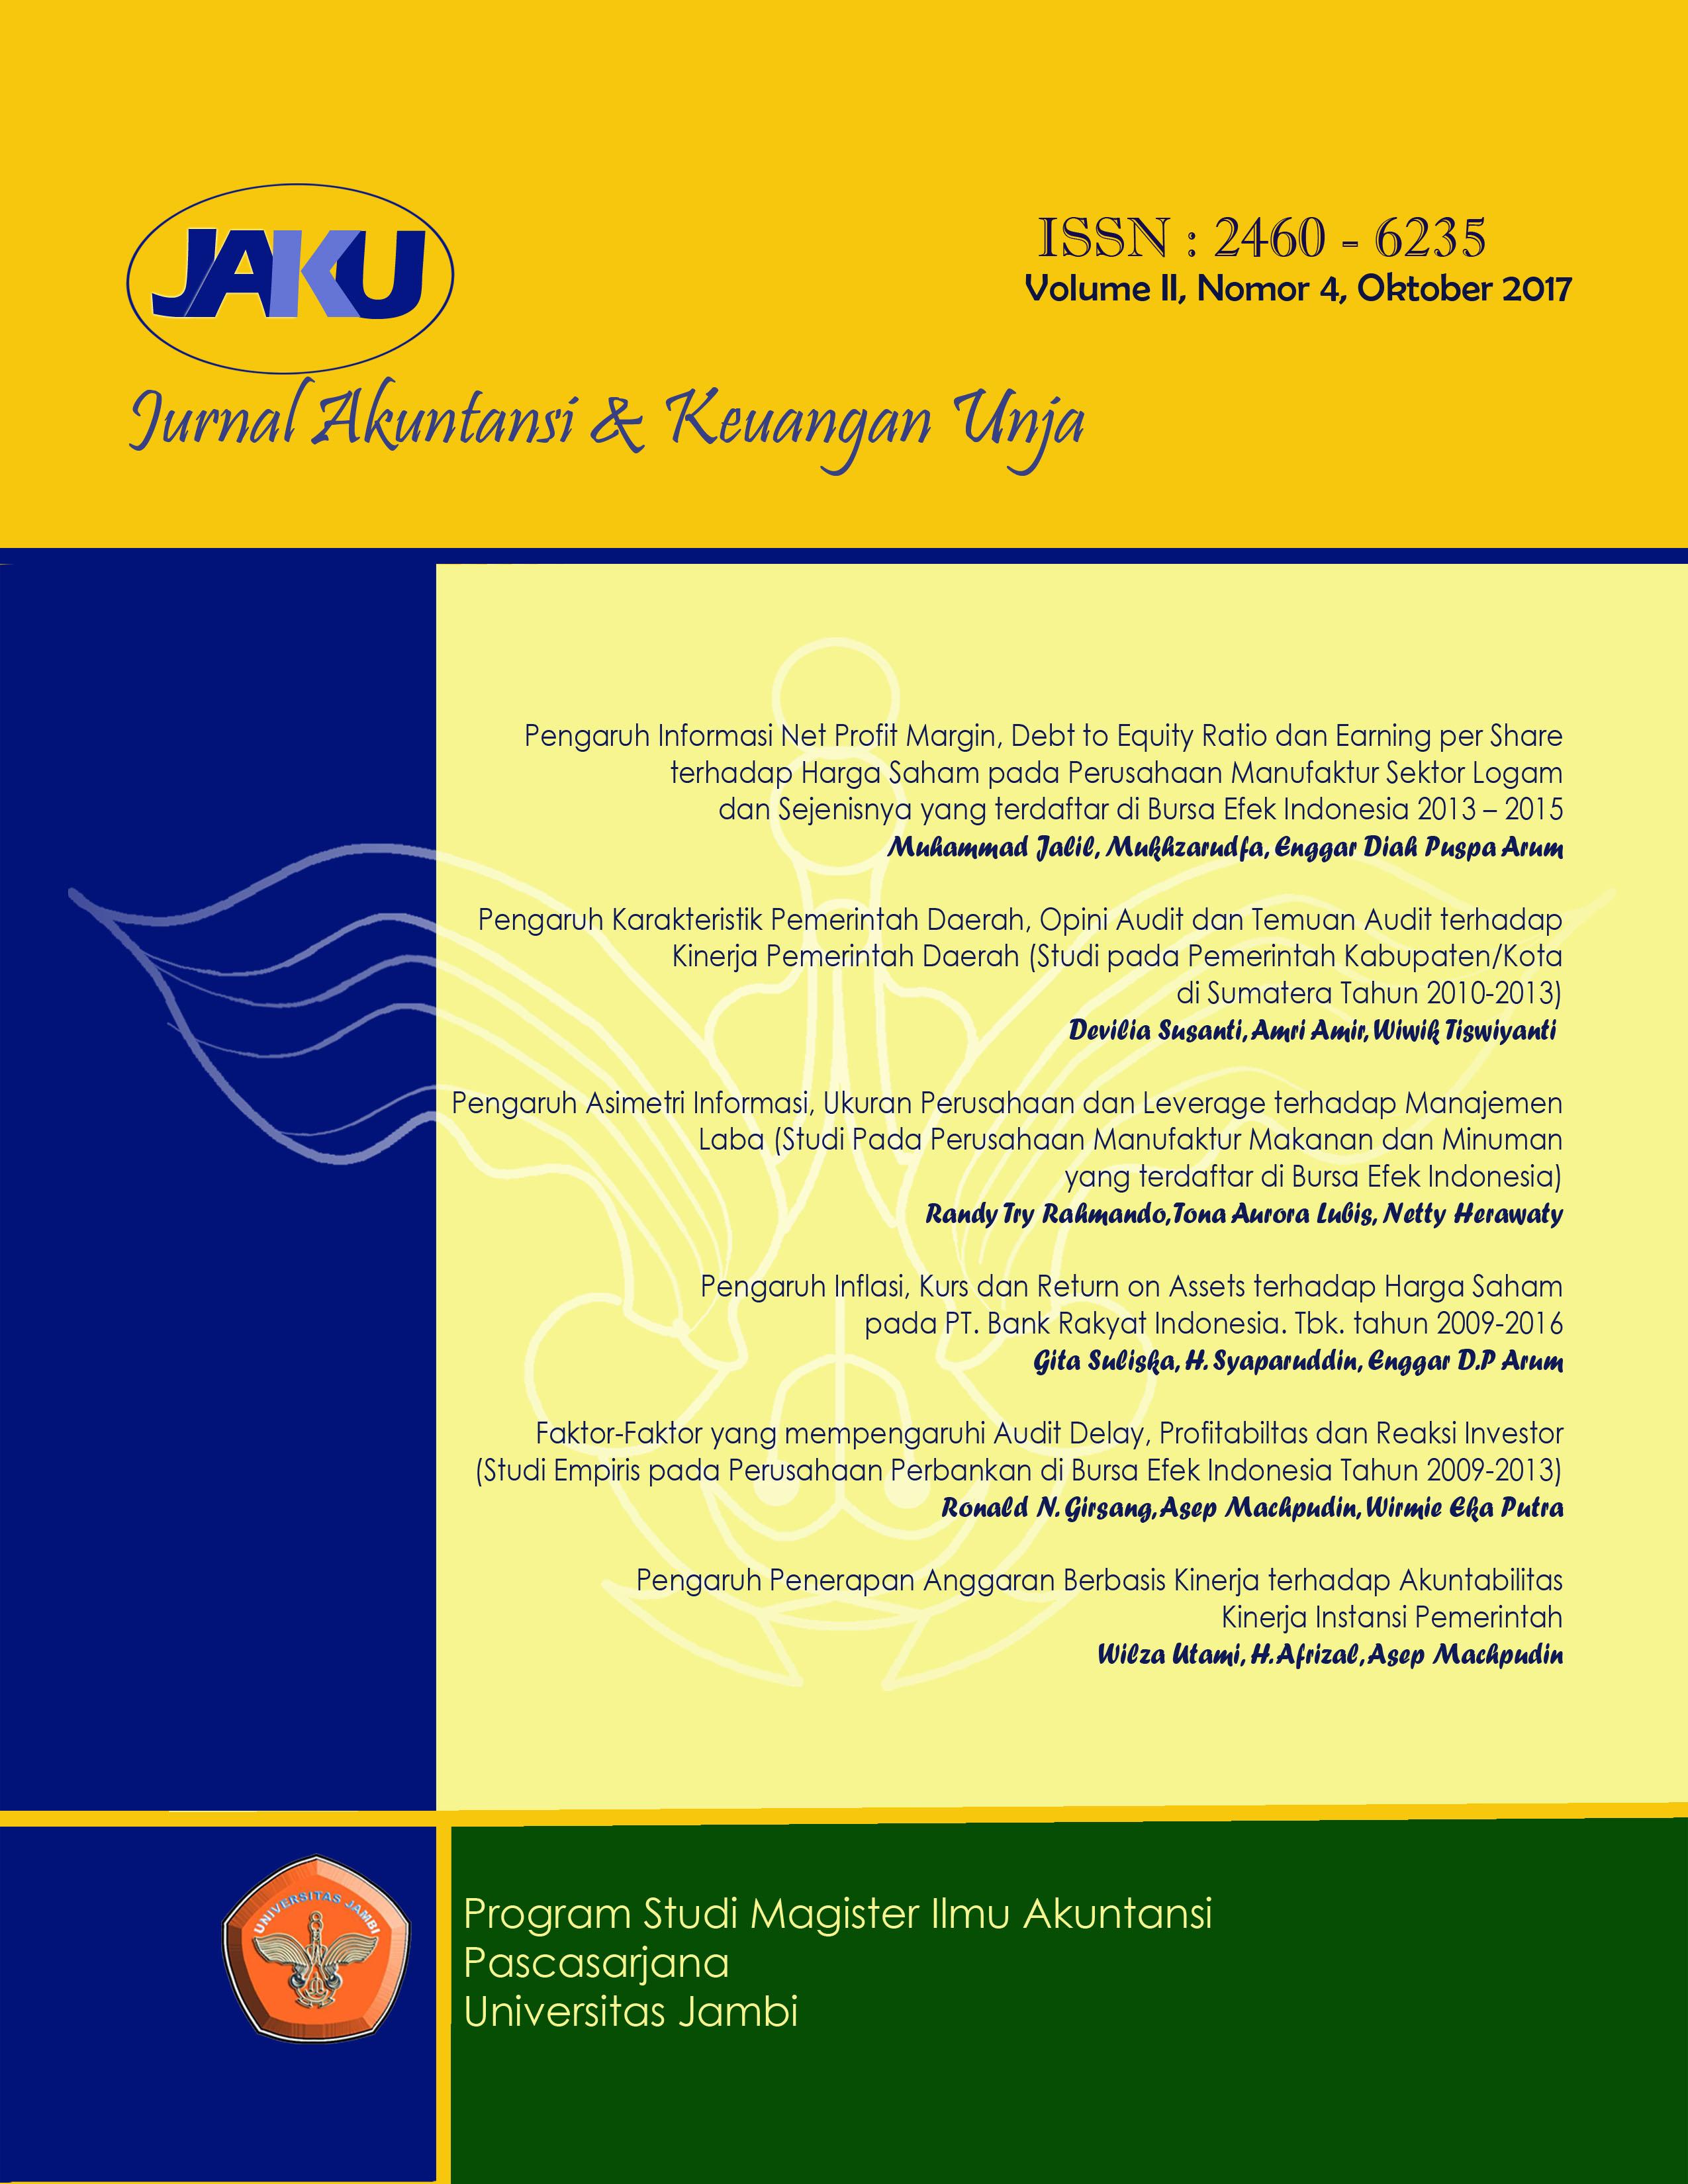 View Vol. 2 No. 4 (2017): Jurnal Akuntansi & Keuangan Unja